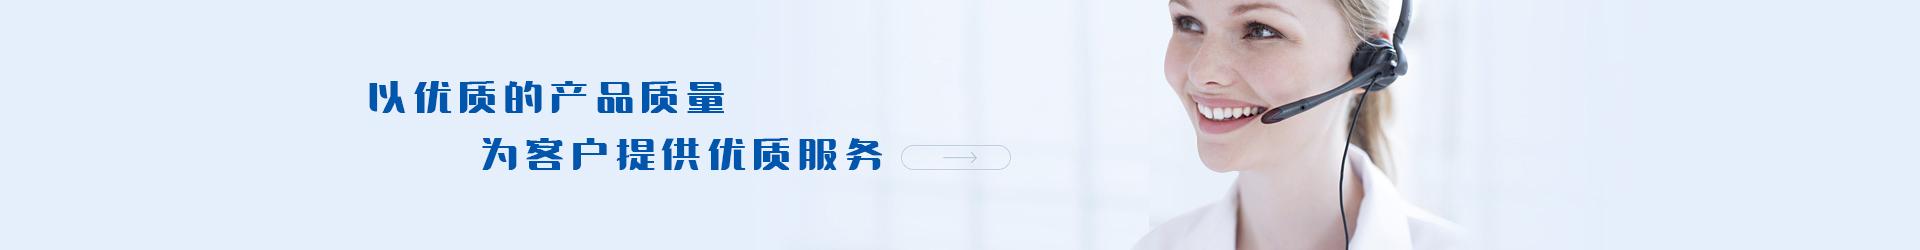 深圳市星迪尔实业有限公司